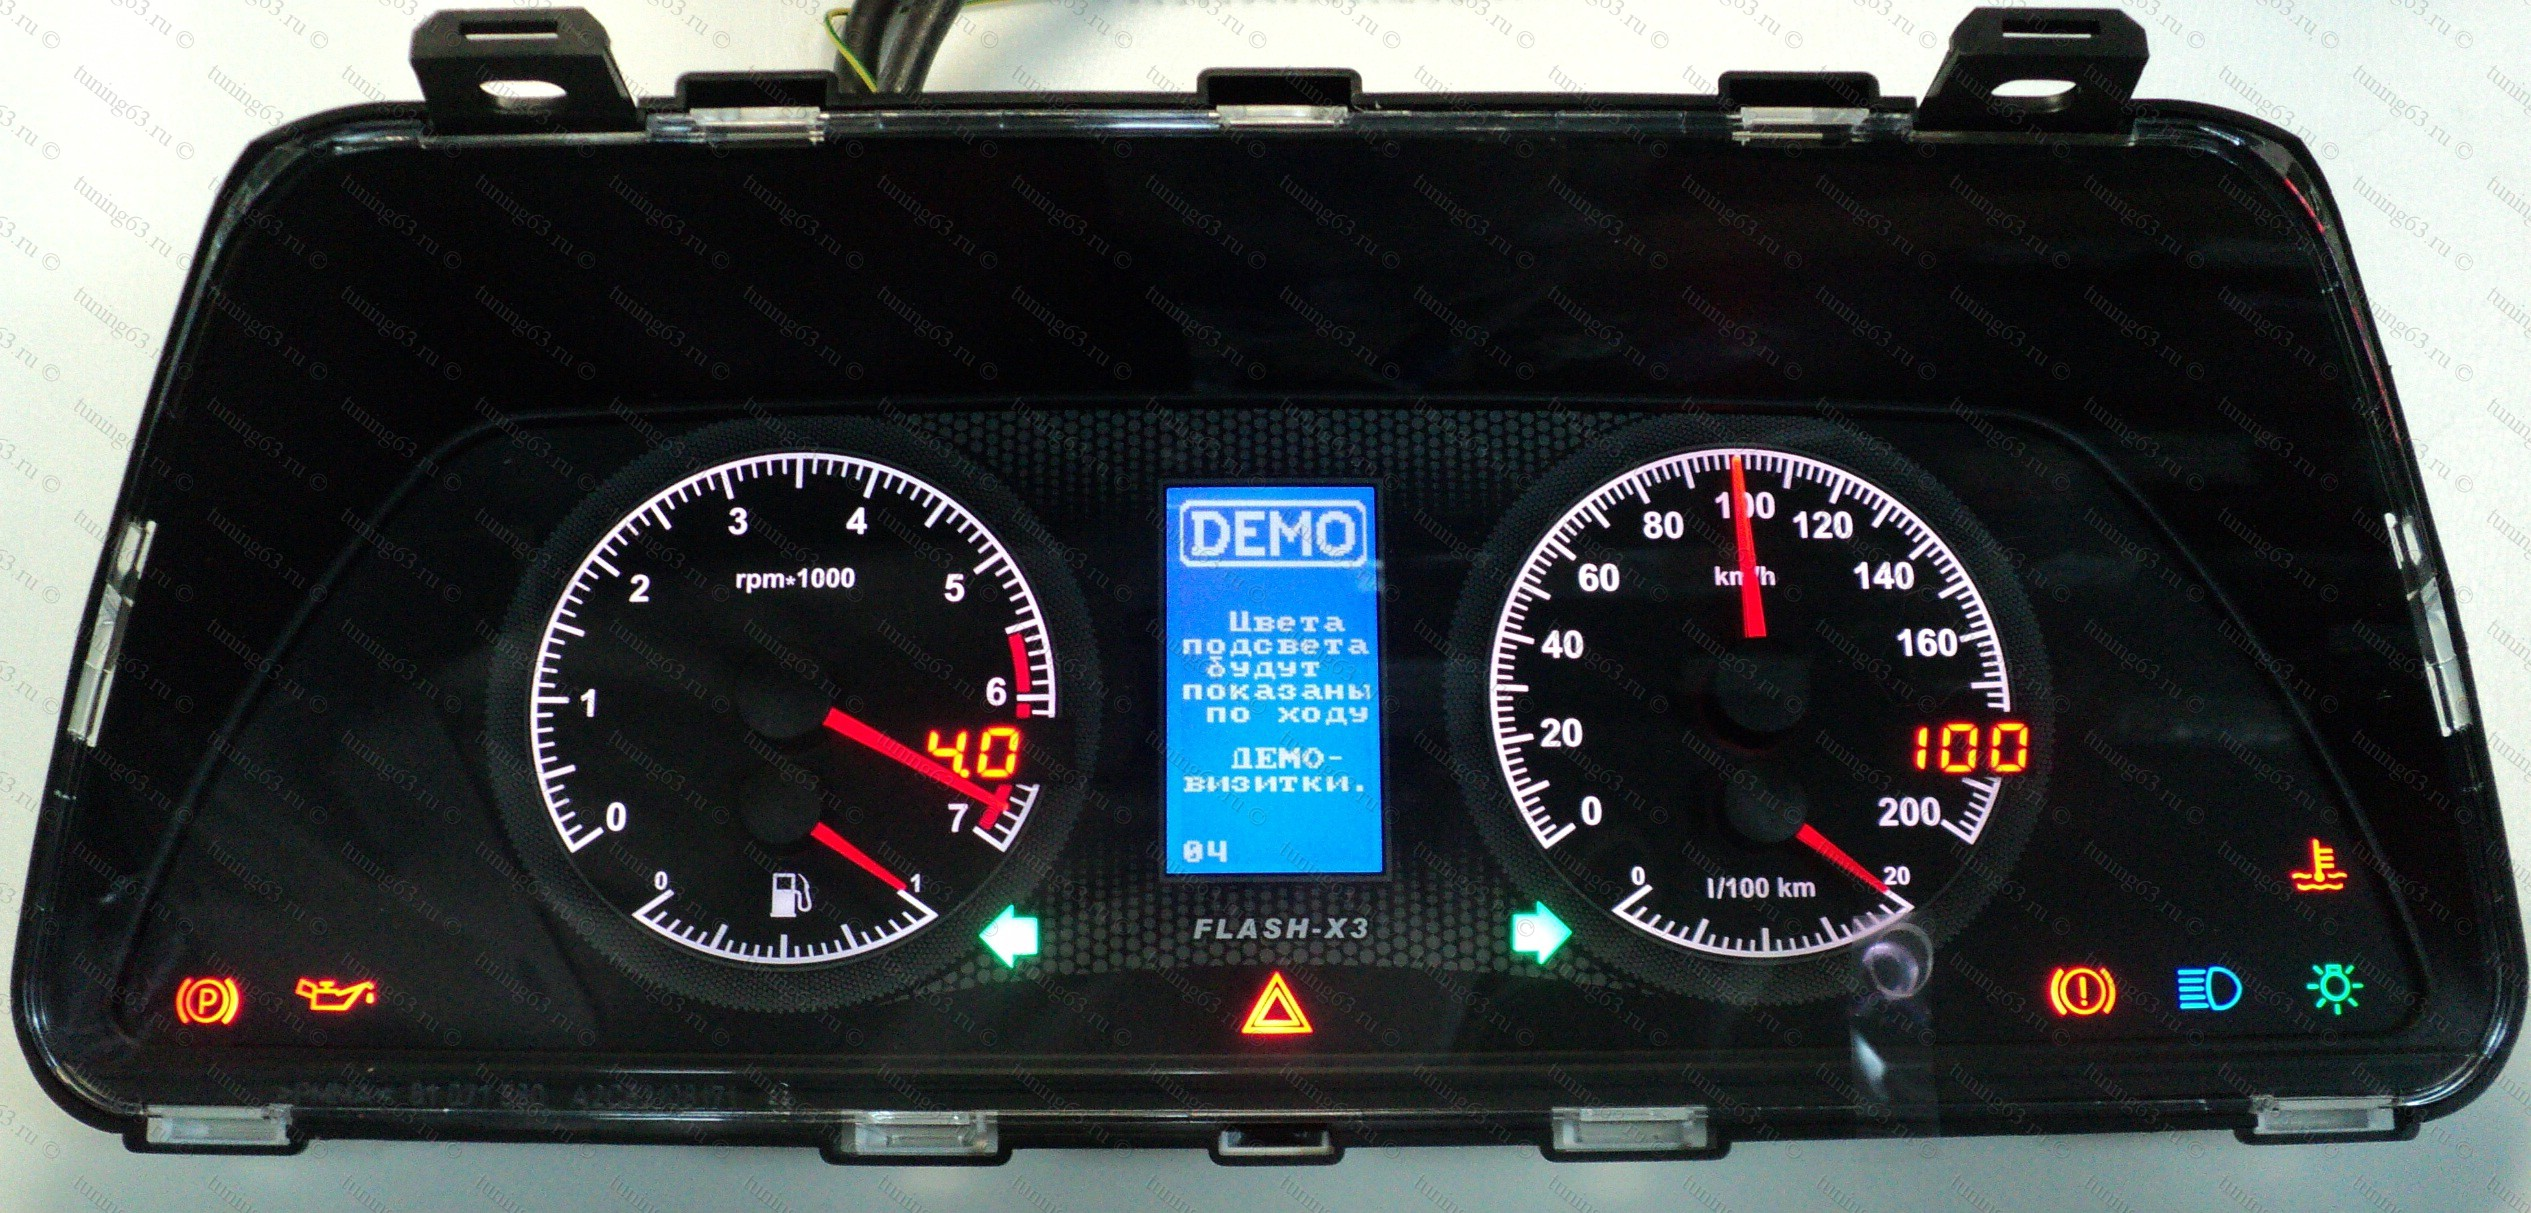 Фото №22 - приборная панель ВАЗ 2110 с бортовым компьютером